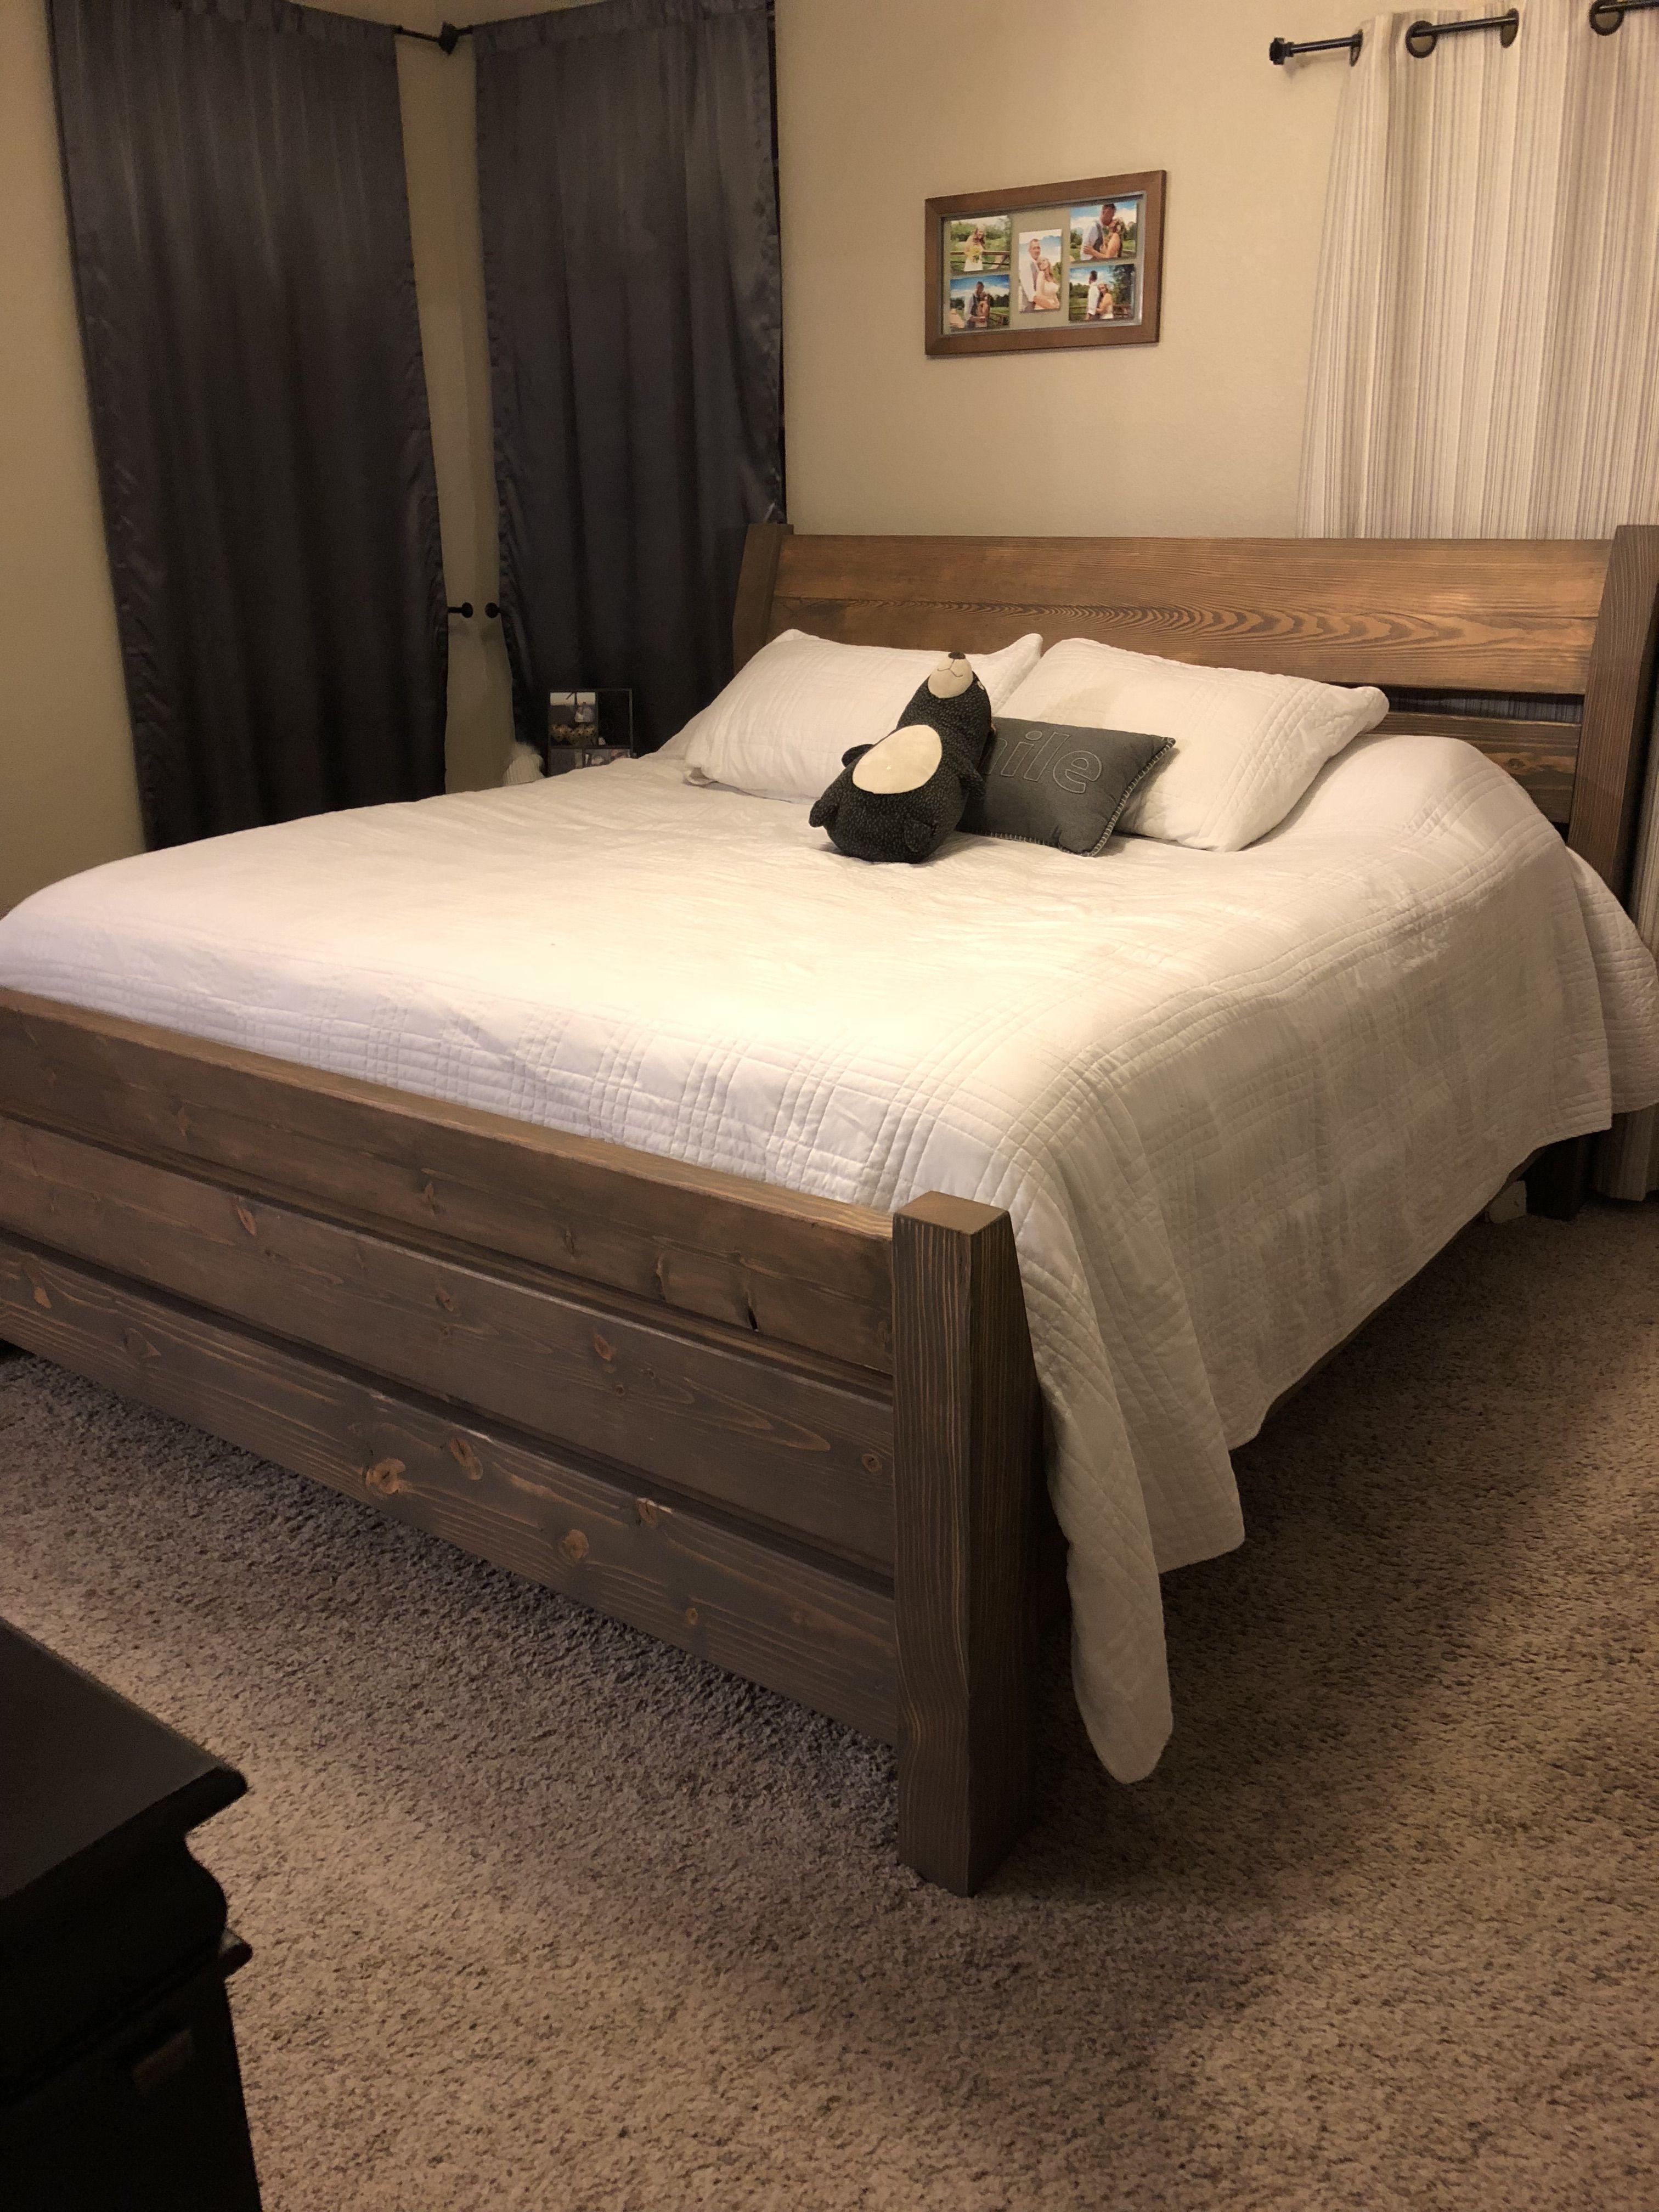 Amish Copycat King Size Bed Frame Diy King Size Bed Frame King